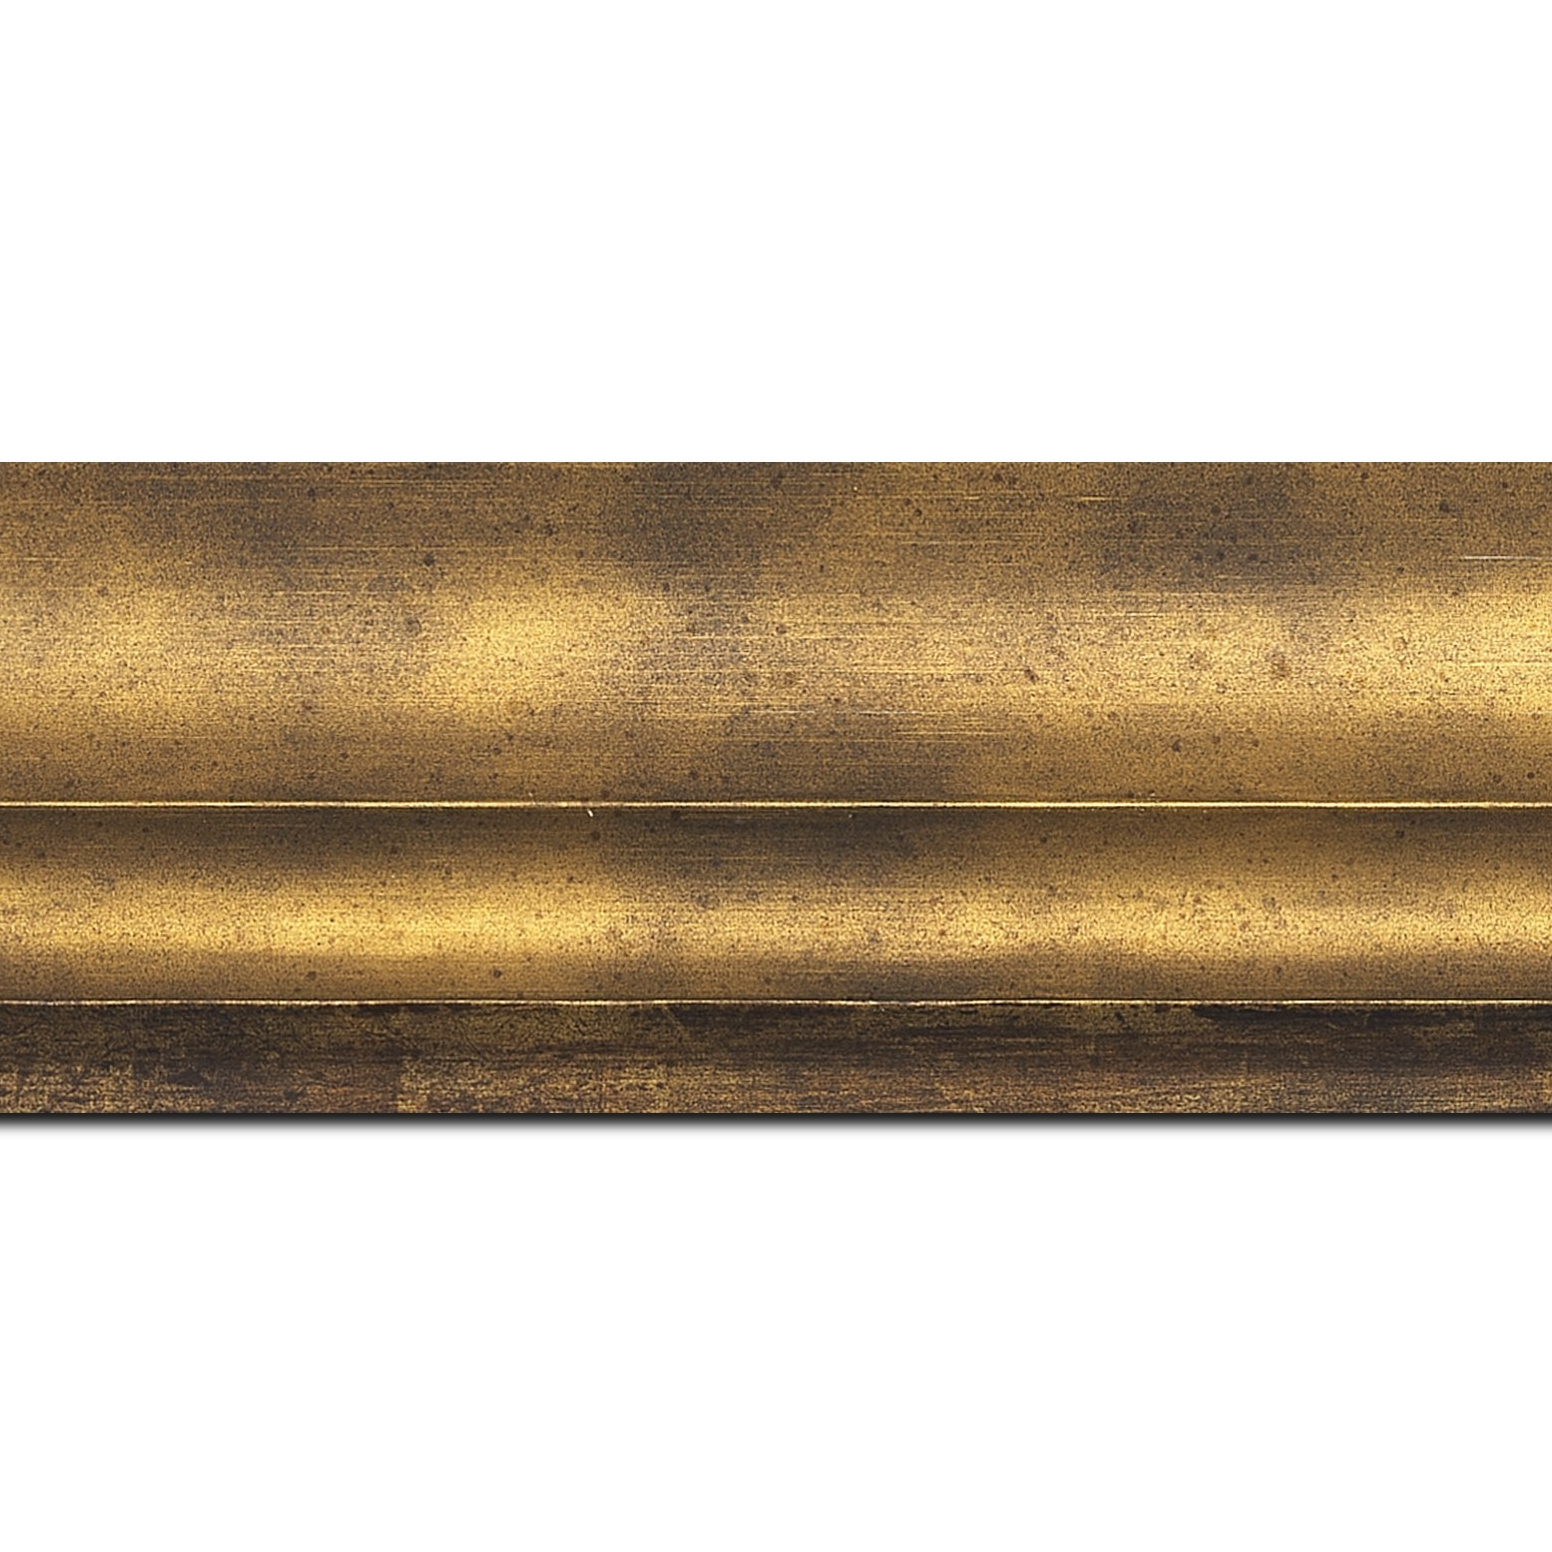 Pack par 12m, bois profil plat ondulé largeur 5.9cm bronze (longueur baguette pouvant varier entre 2.40m et 3m selon arrivage des bois)